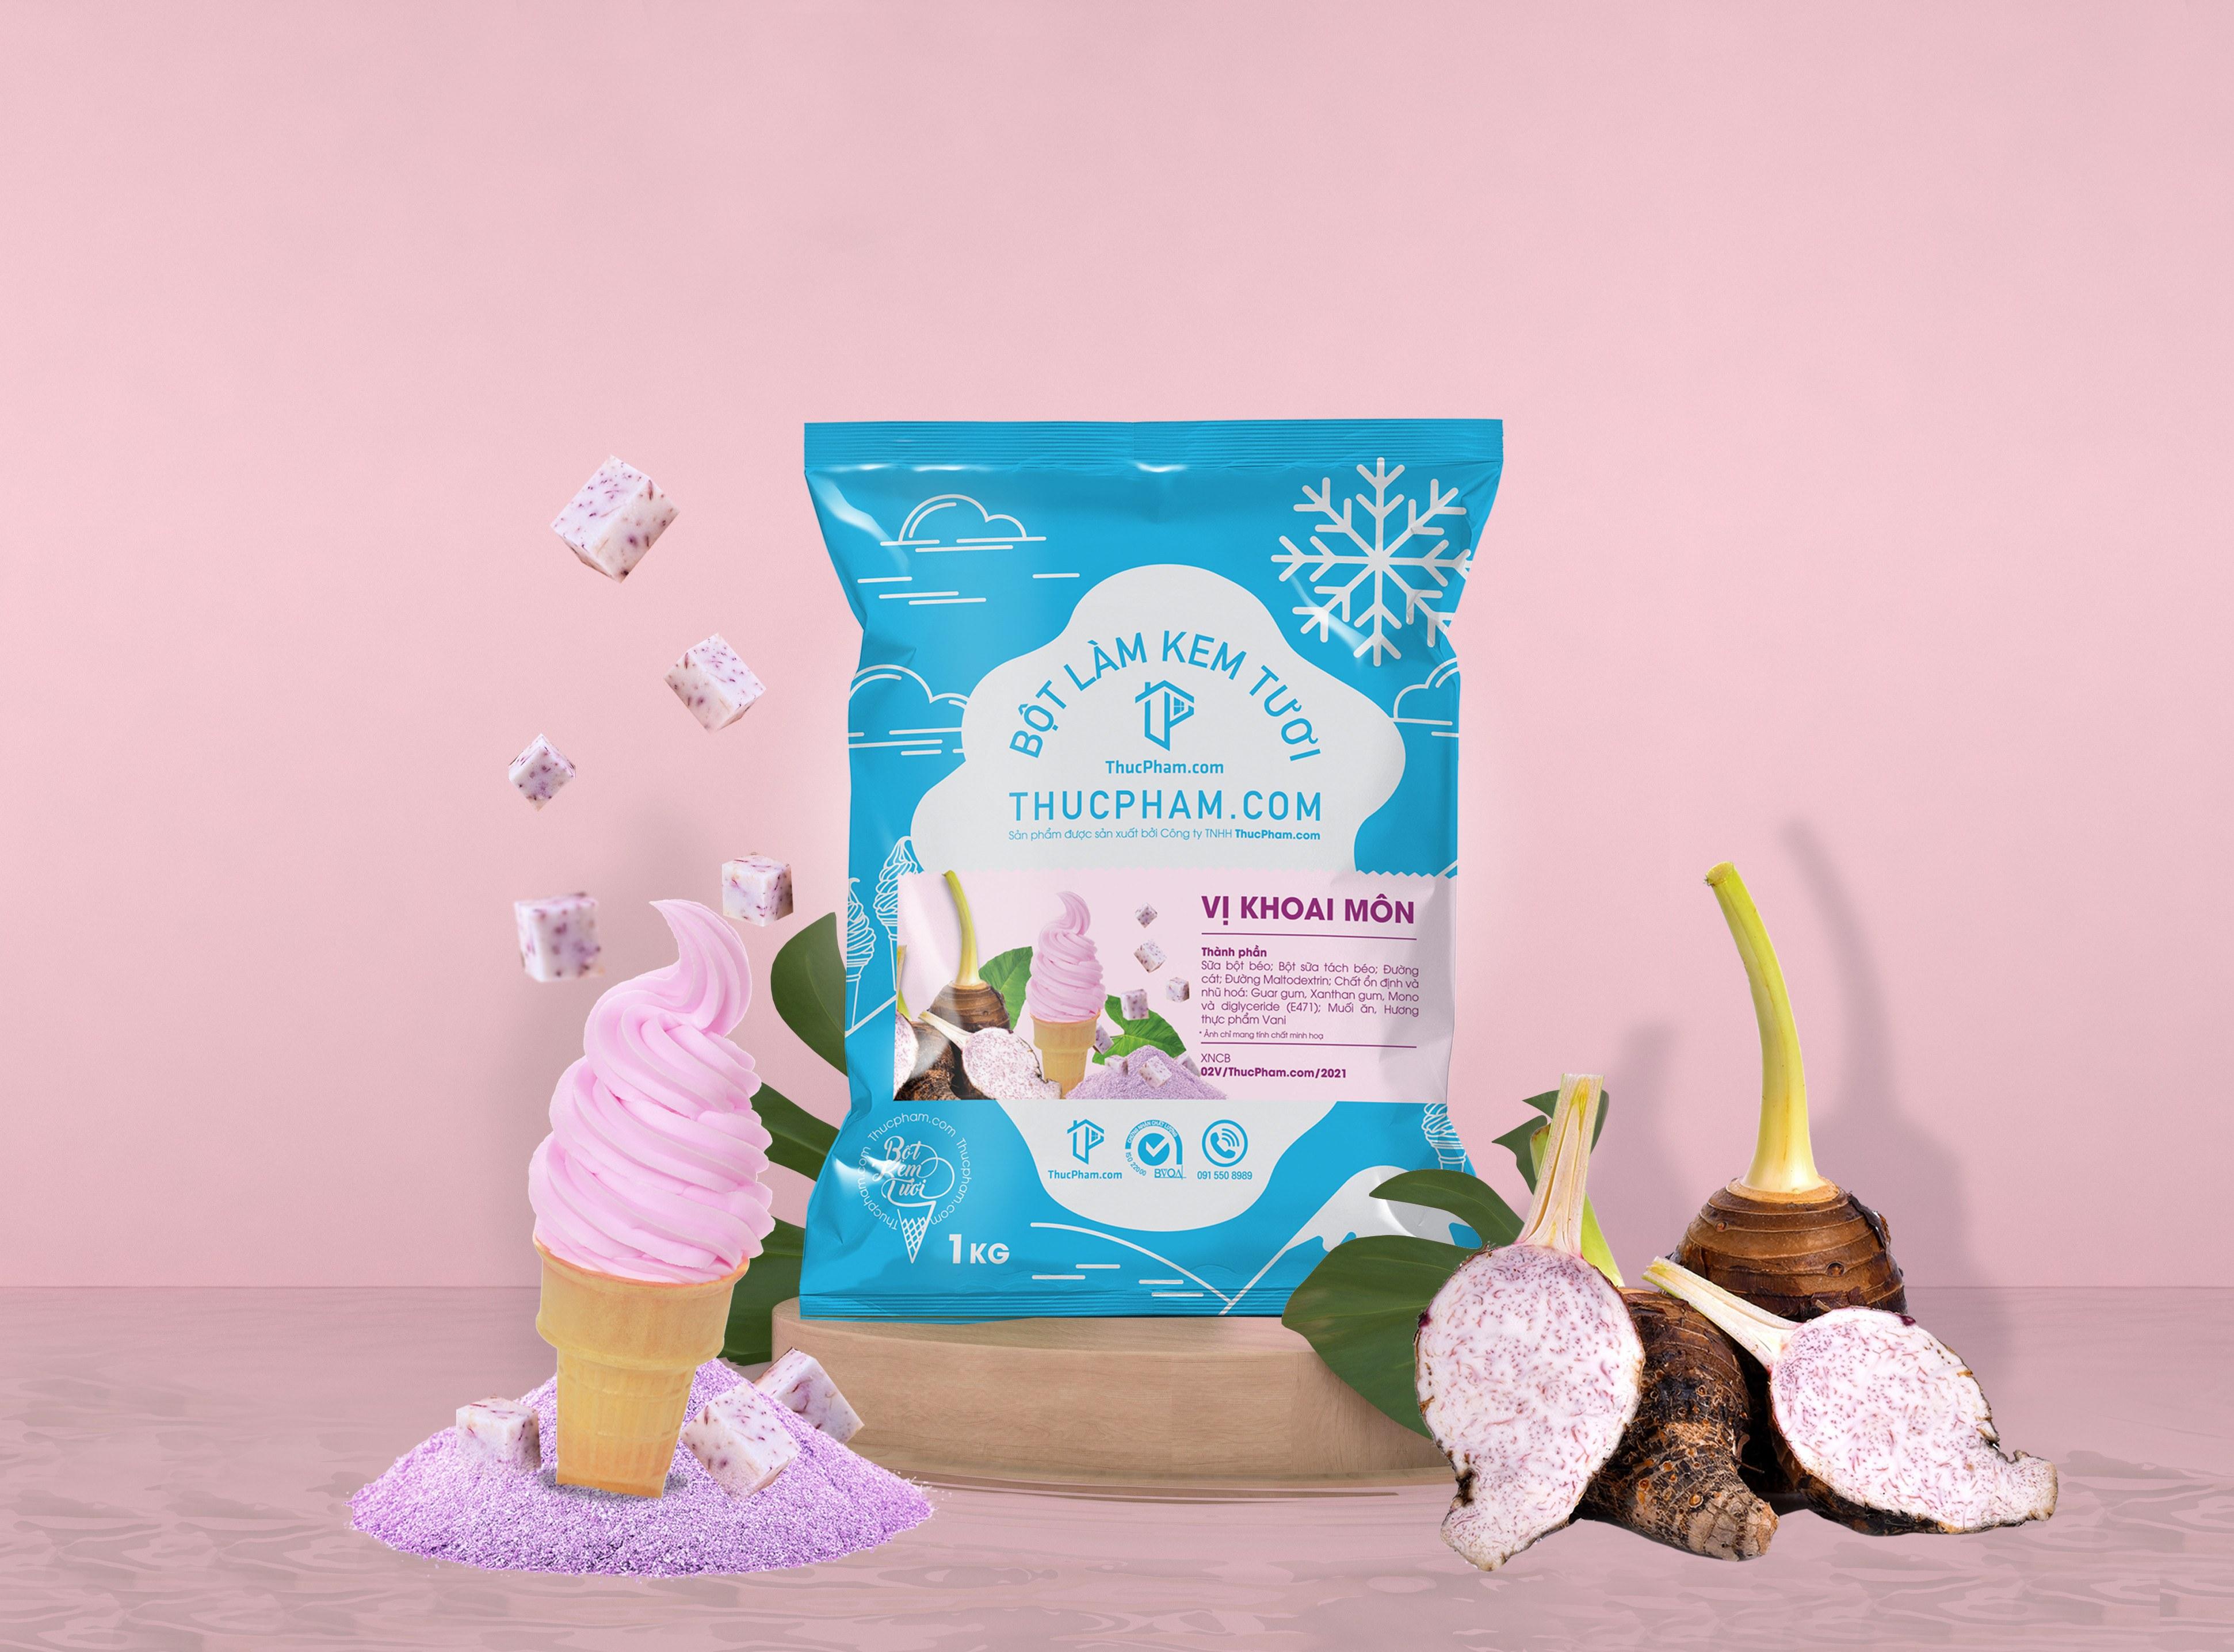 Bột làm kem tươi ThucPham.com vị Khoai Môn